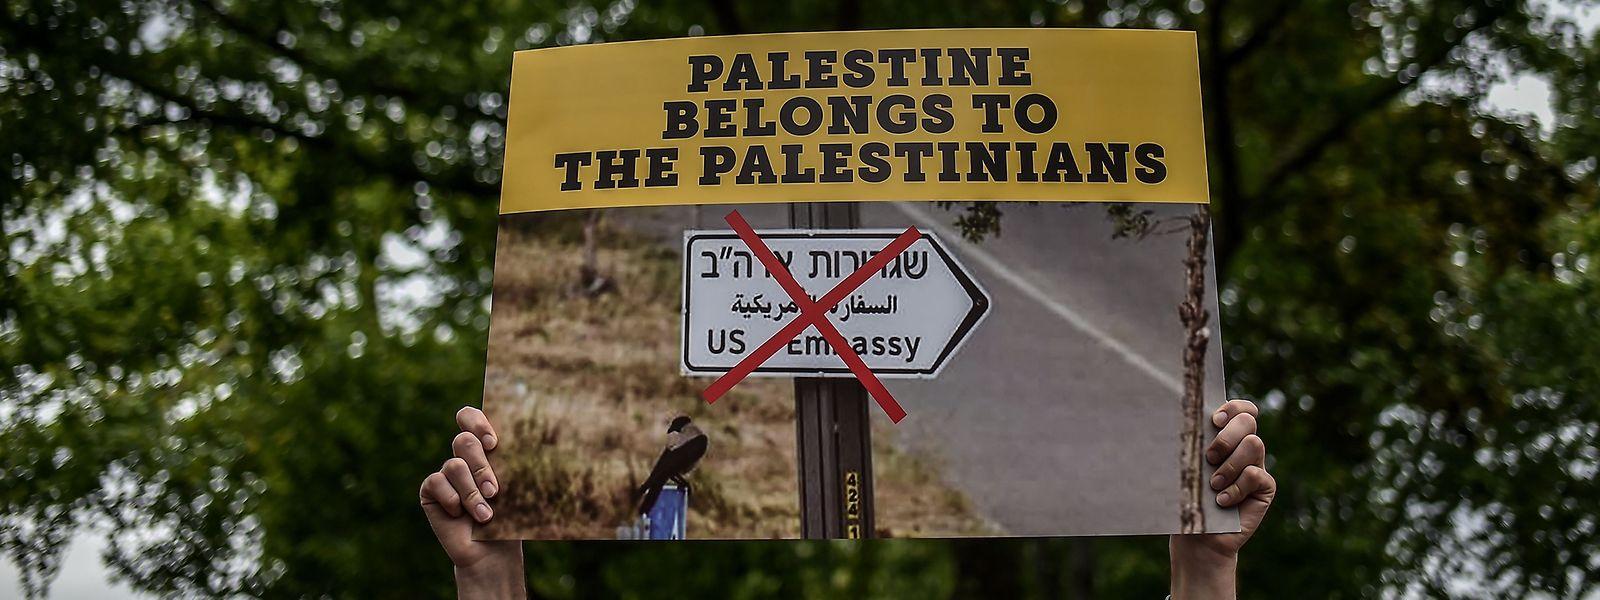 Bei vielen Palästinensern kam die Nachricht von der Verlegung der Botschaft überhaupt nicht gut an.